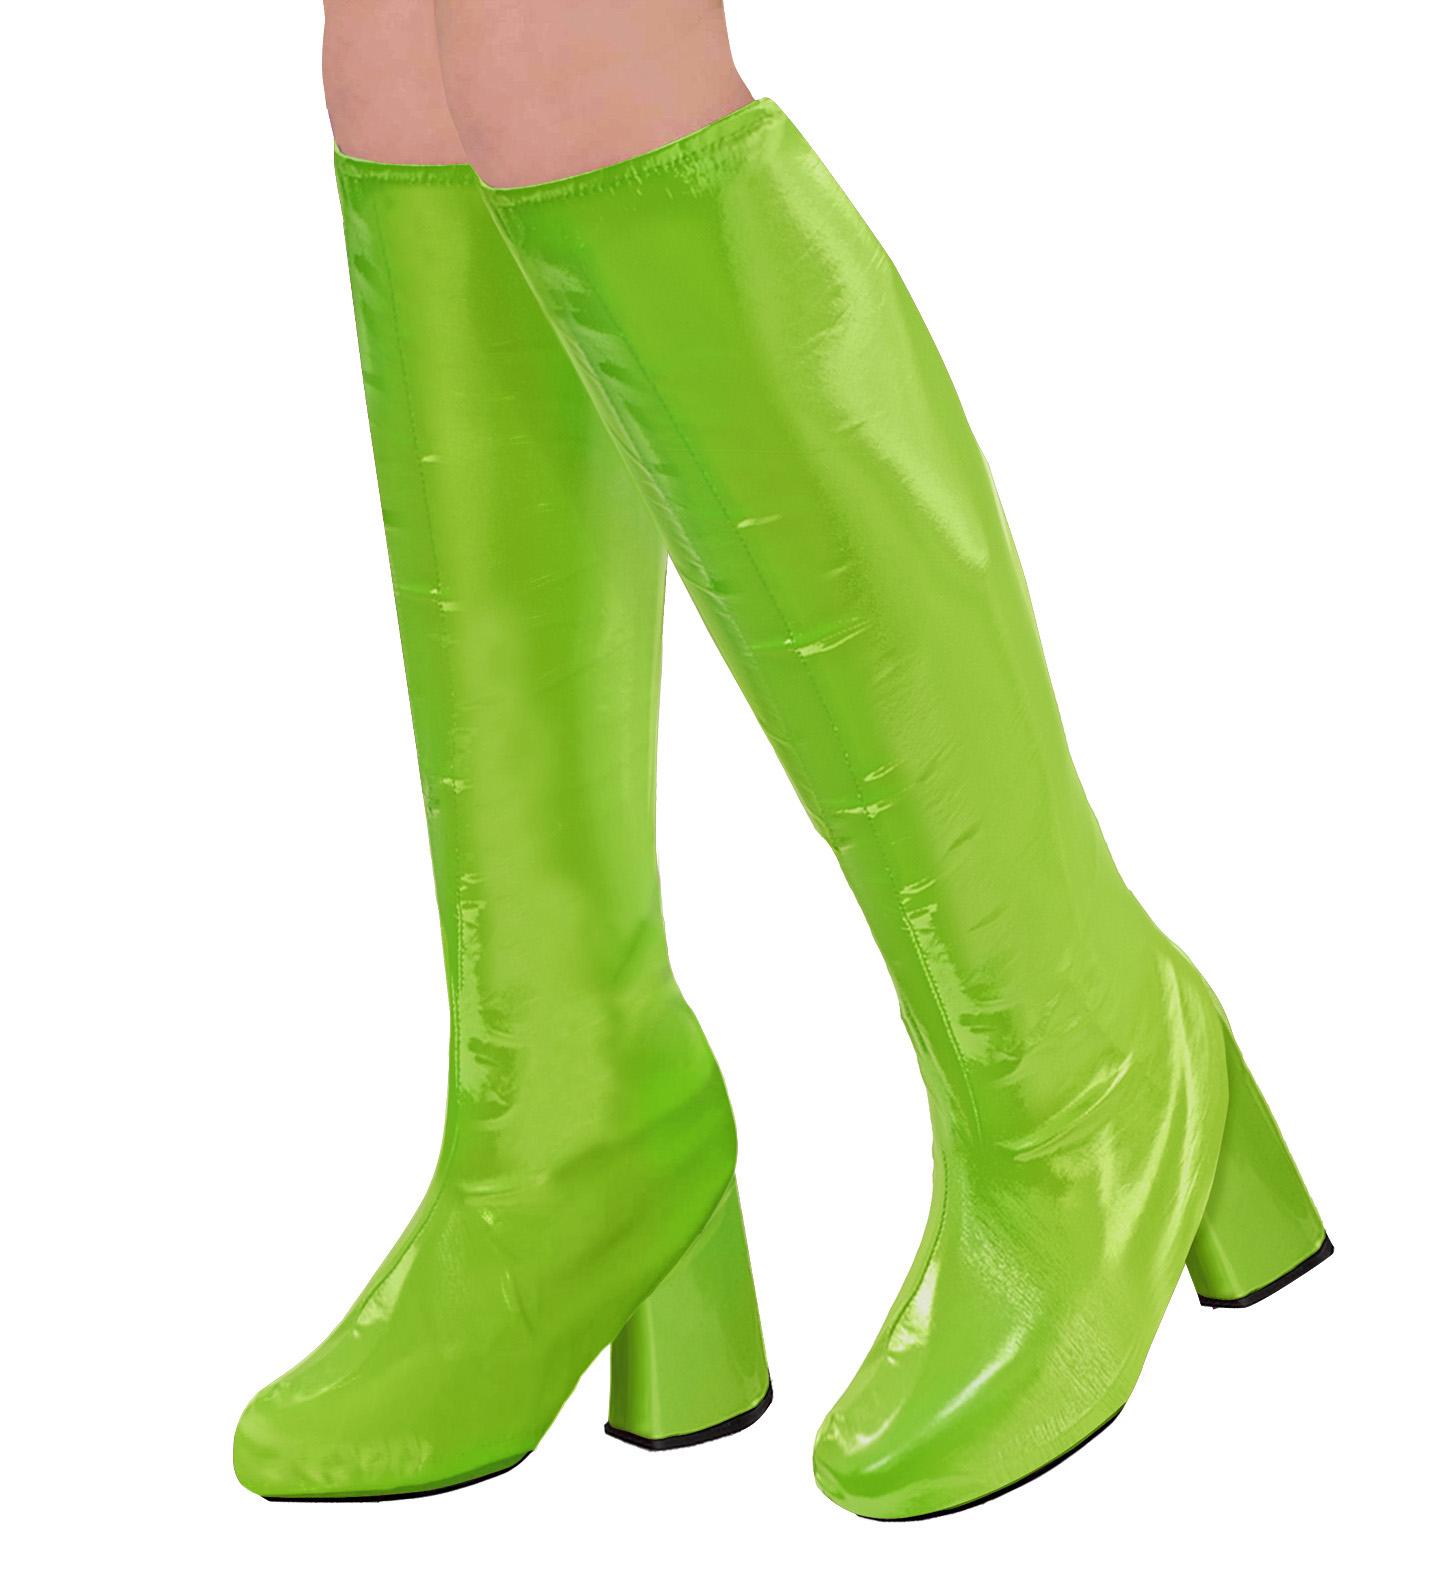 Stiefelüberzieher für Damen in grün Einheitsgröße 70er Jahre Boots